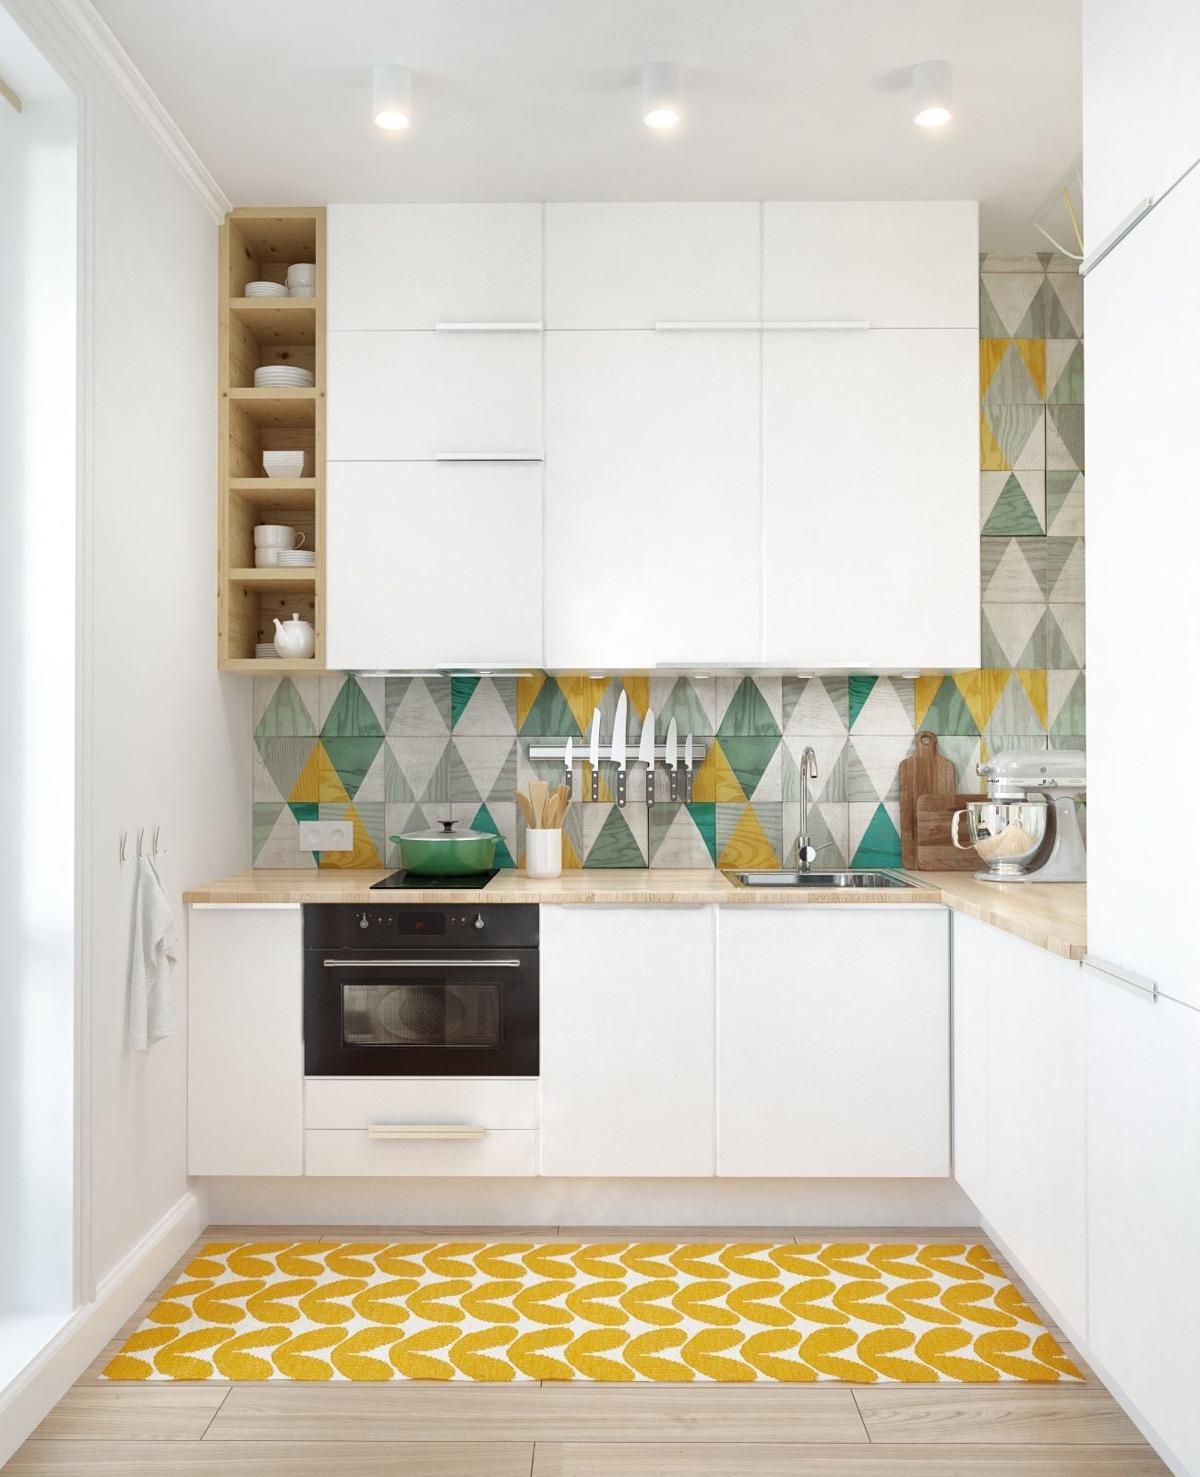 keramik dapur bermotif dengan kabinet warna putih desain dapur minimalis